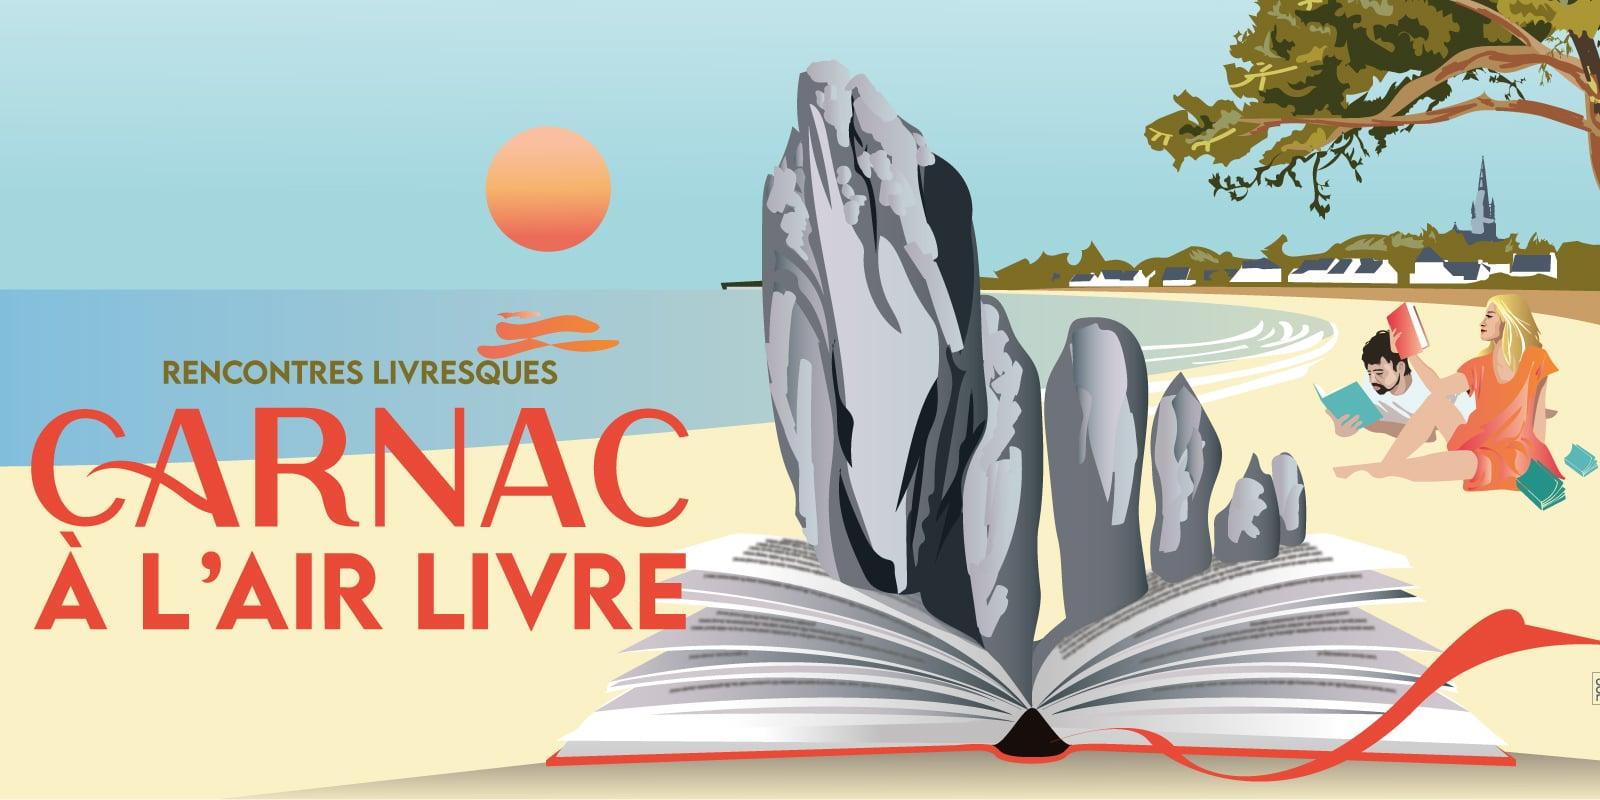 Affiche de Carnac à l'air livre rencontres livresques juin 2021